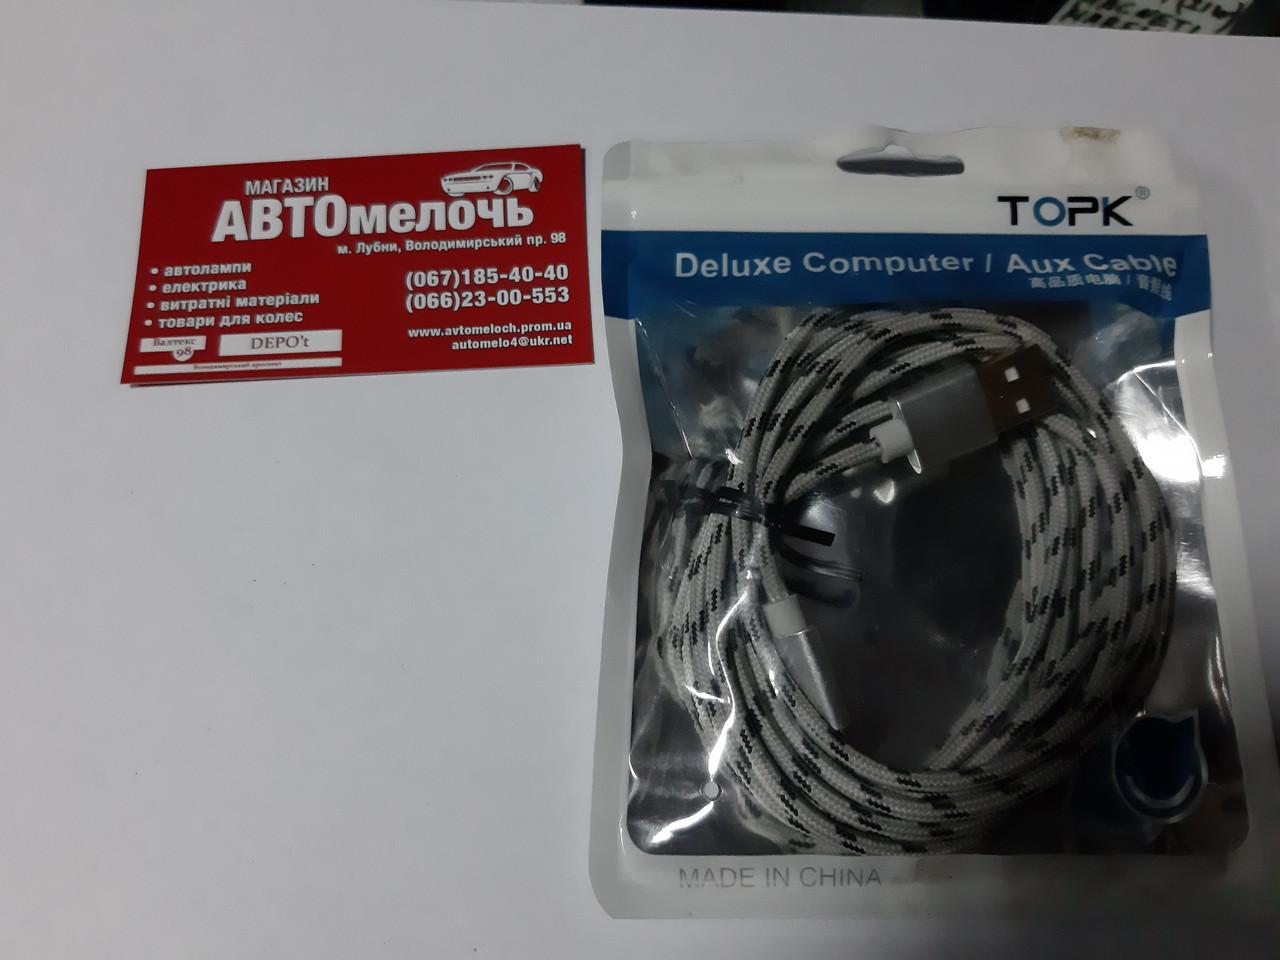 Шнур USB 2м. (в оплетке) пр-во TOPK